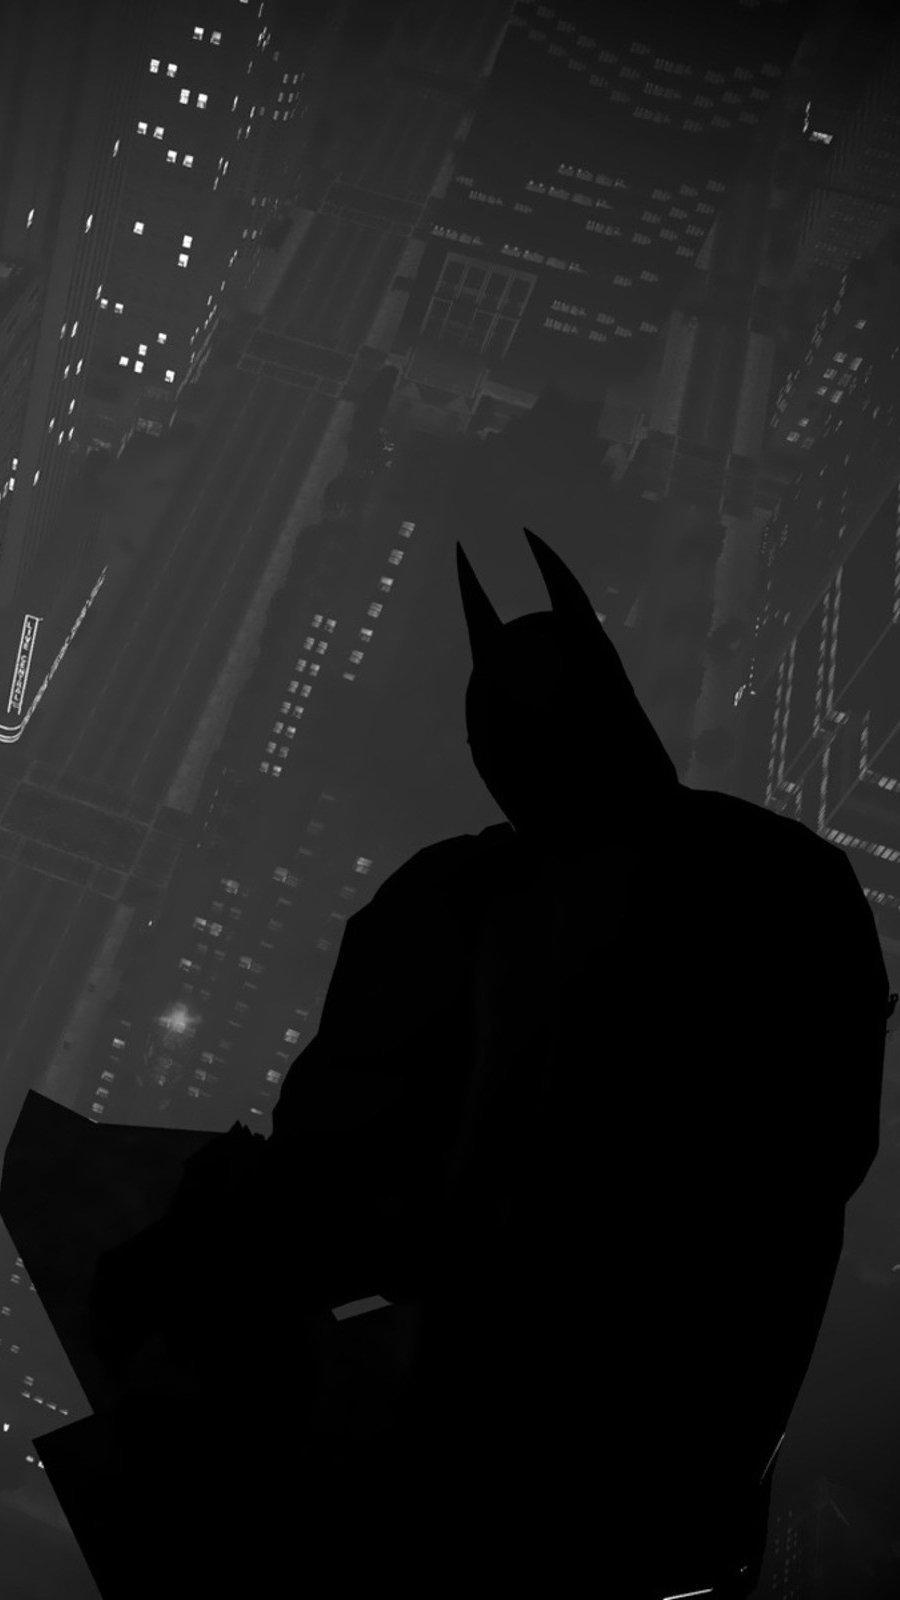 Wallpaper Batman Vertical